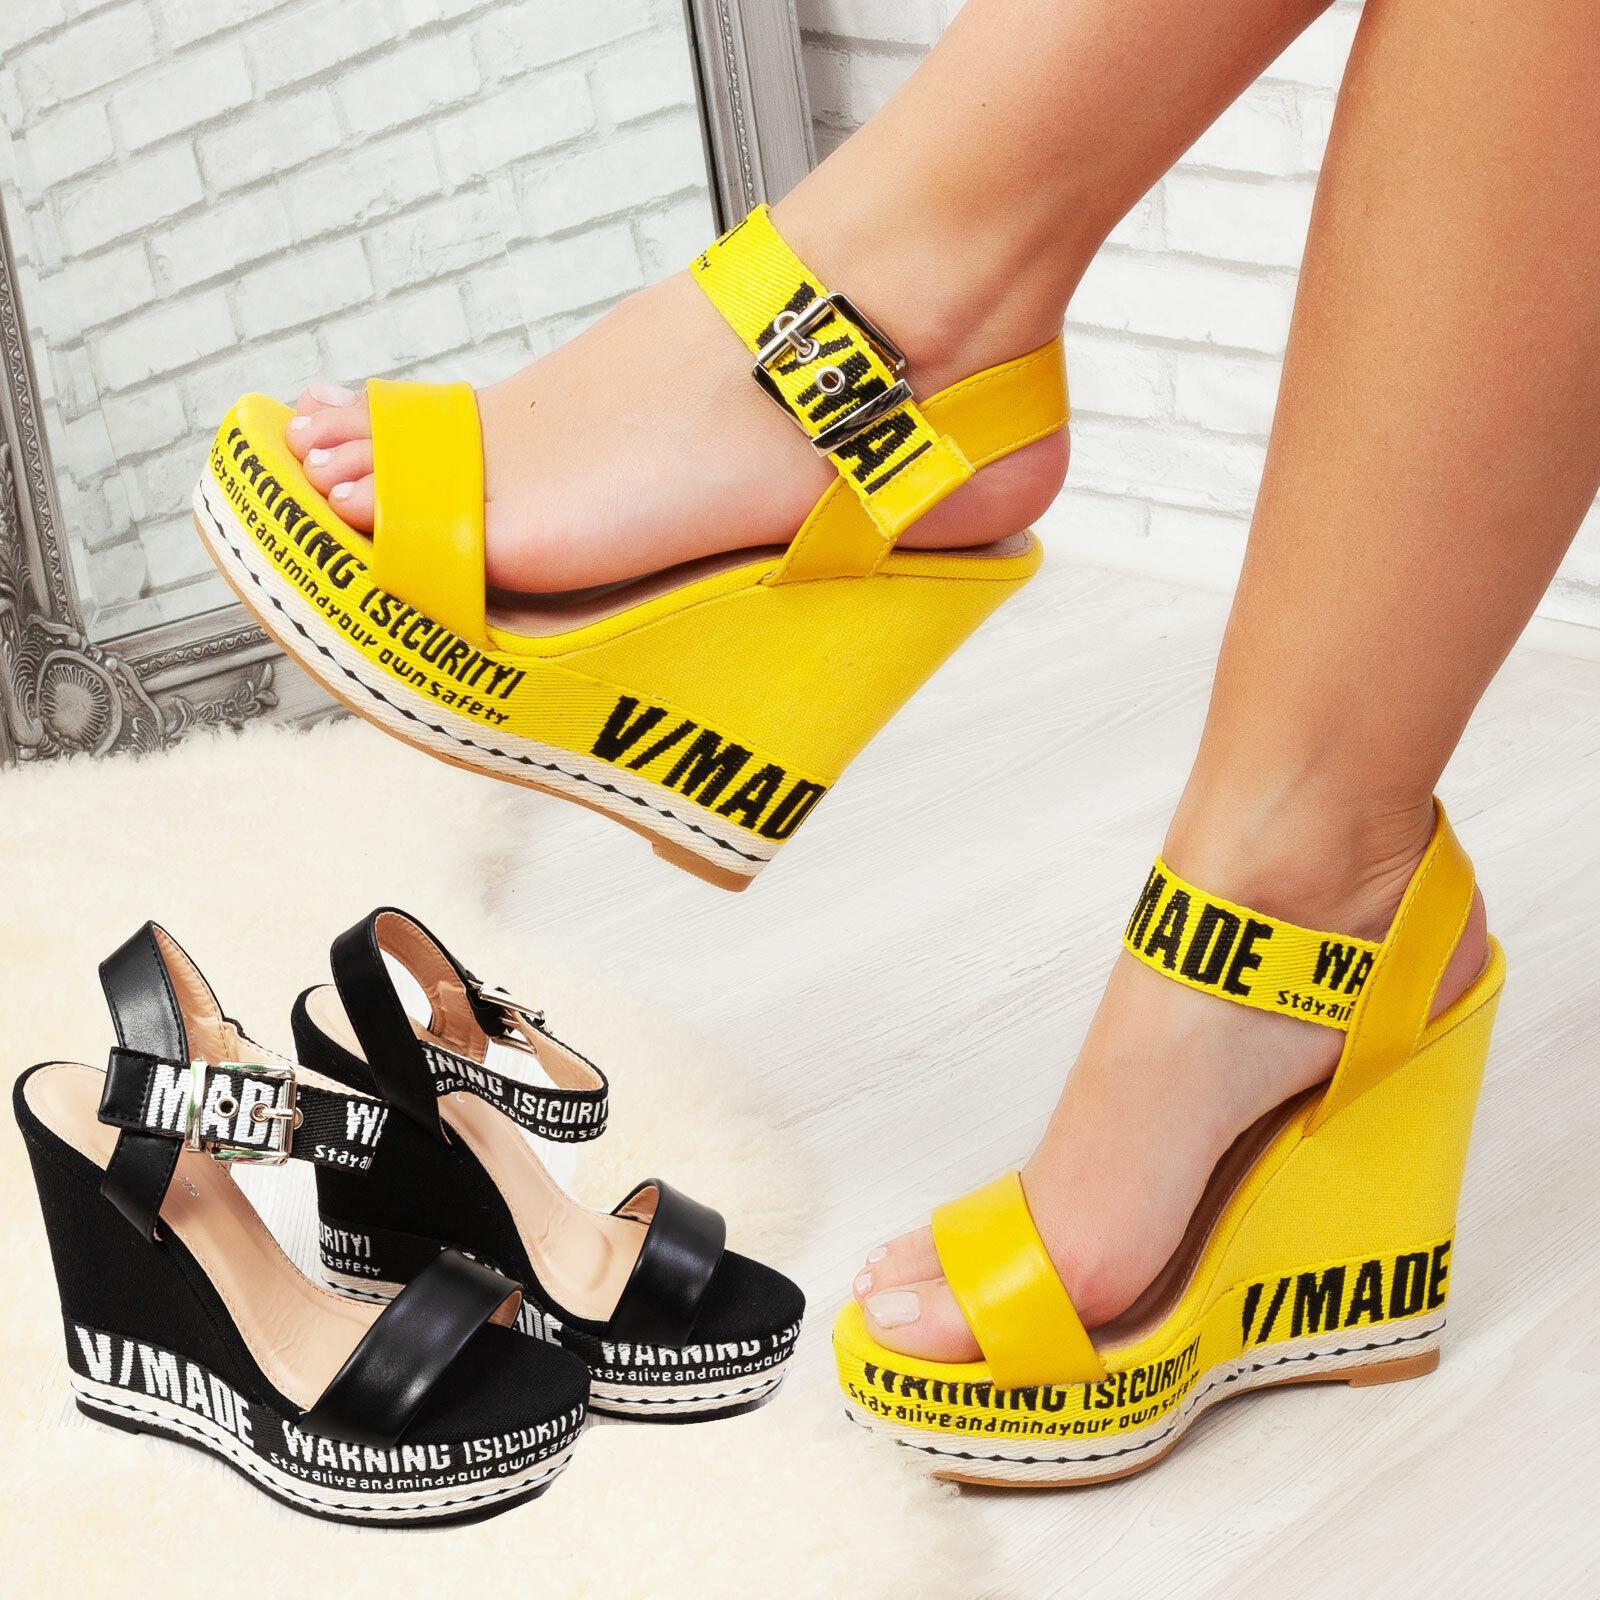 Alto Escrito Tacón Zapatos Cuña Detalles Toocool De Sandalias Zatteroni Zuecos Mujer thQsdrC